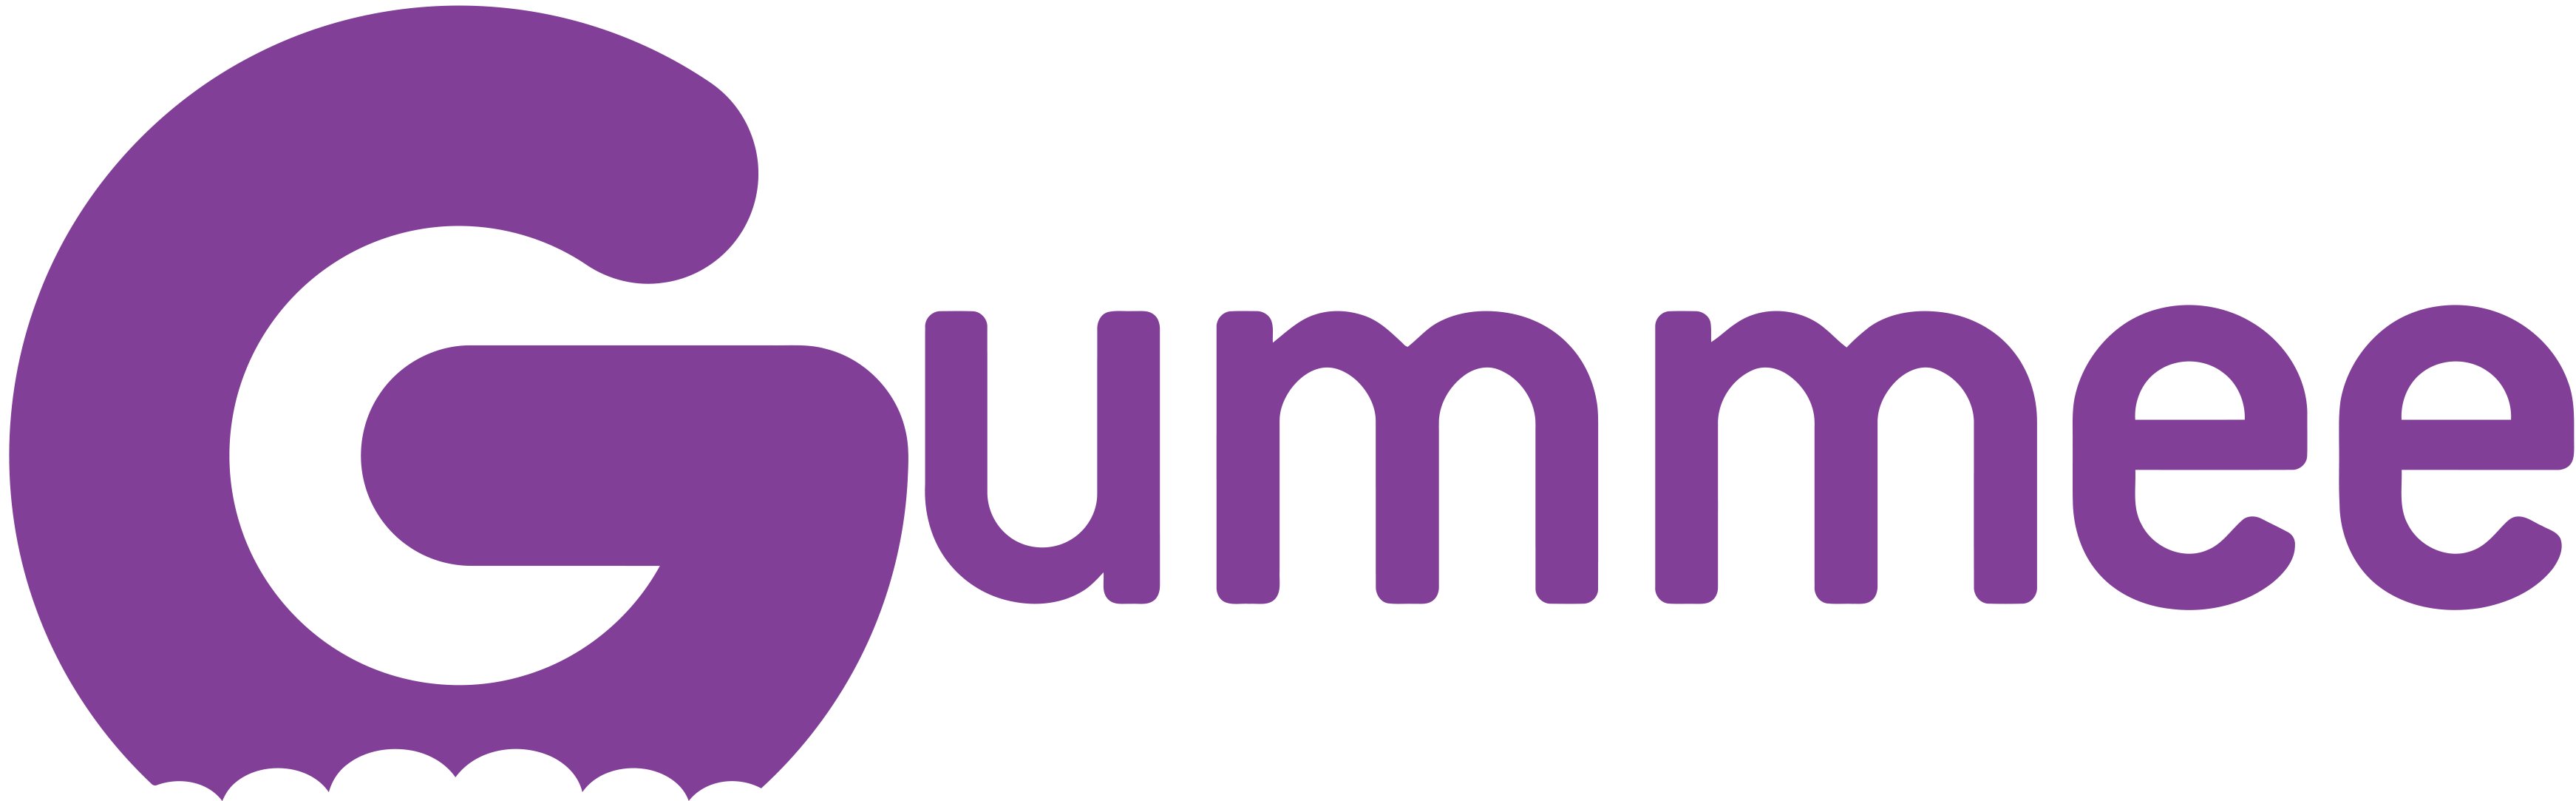 Gummee